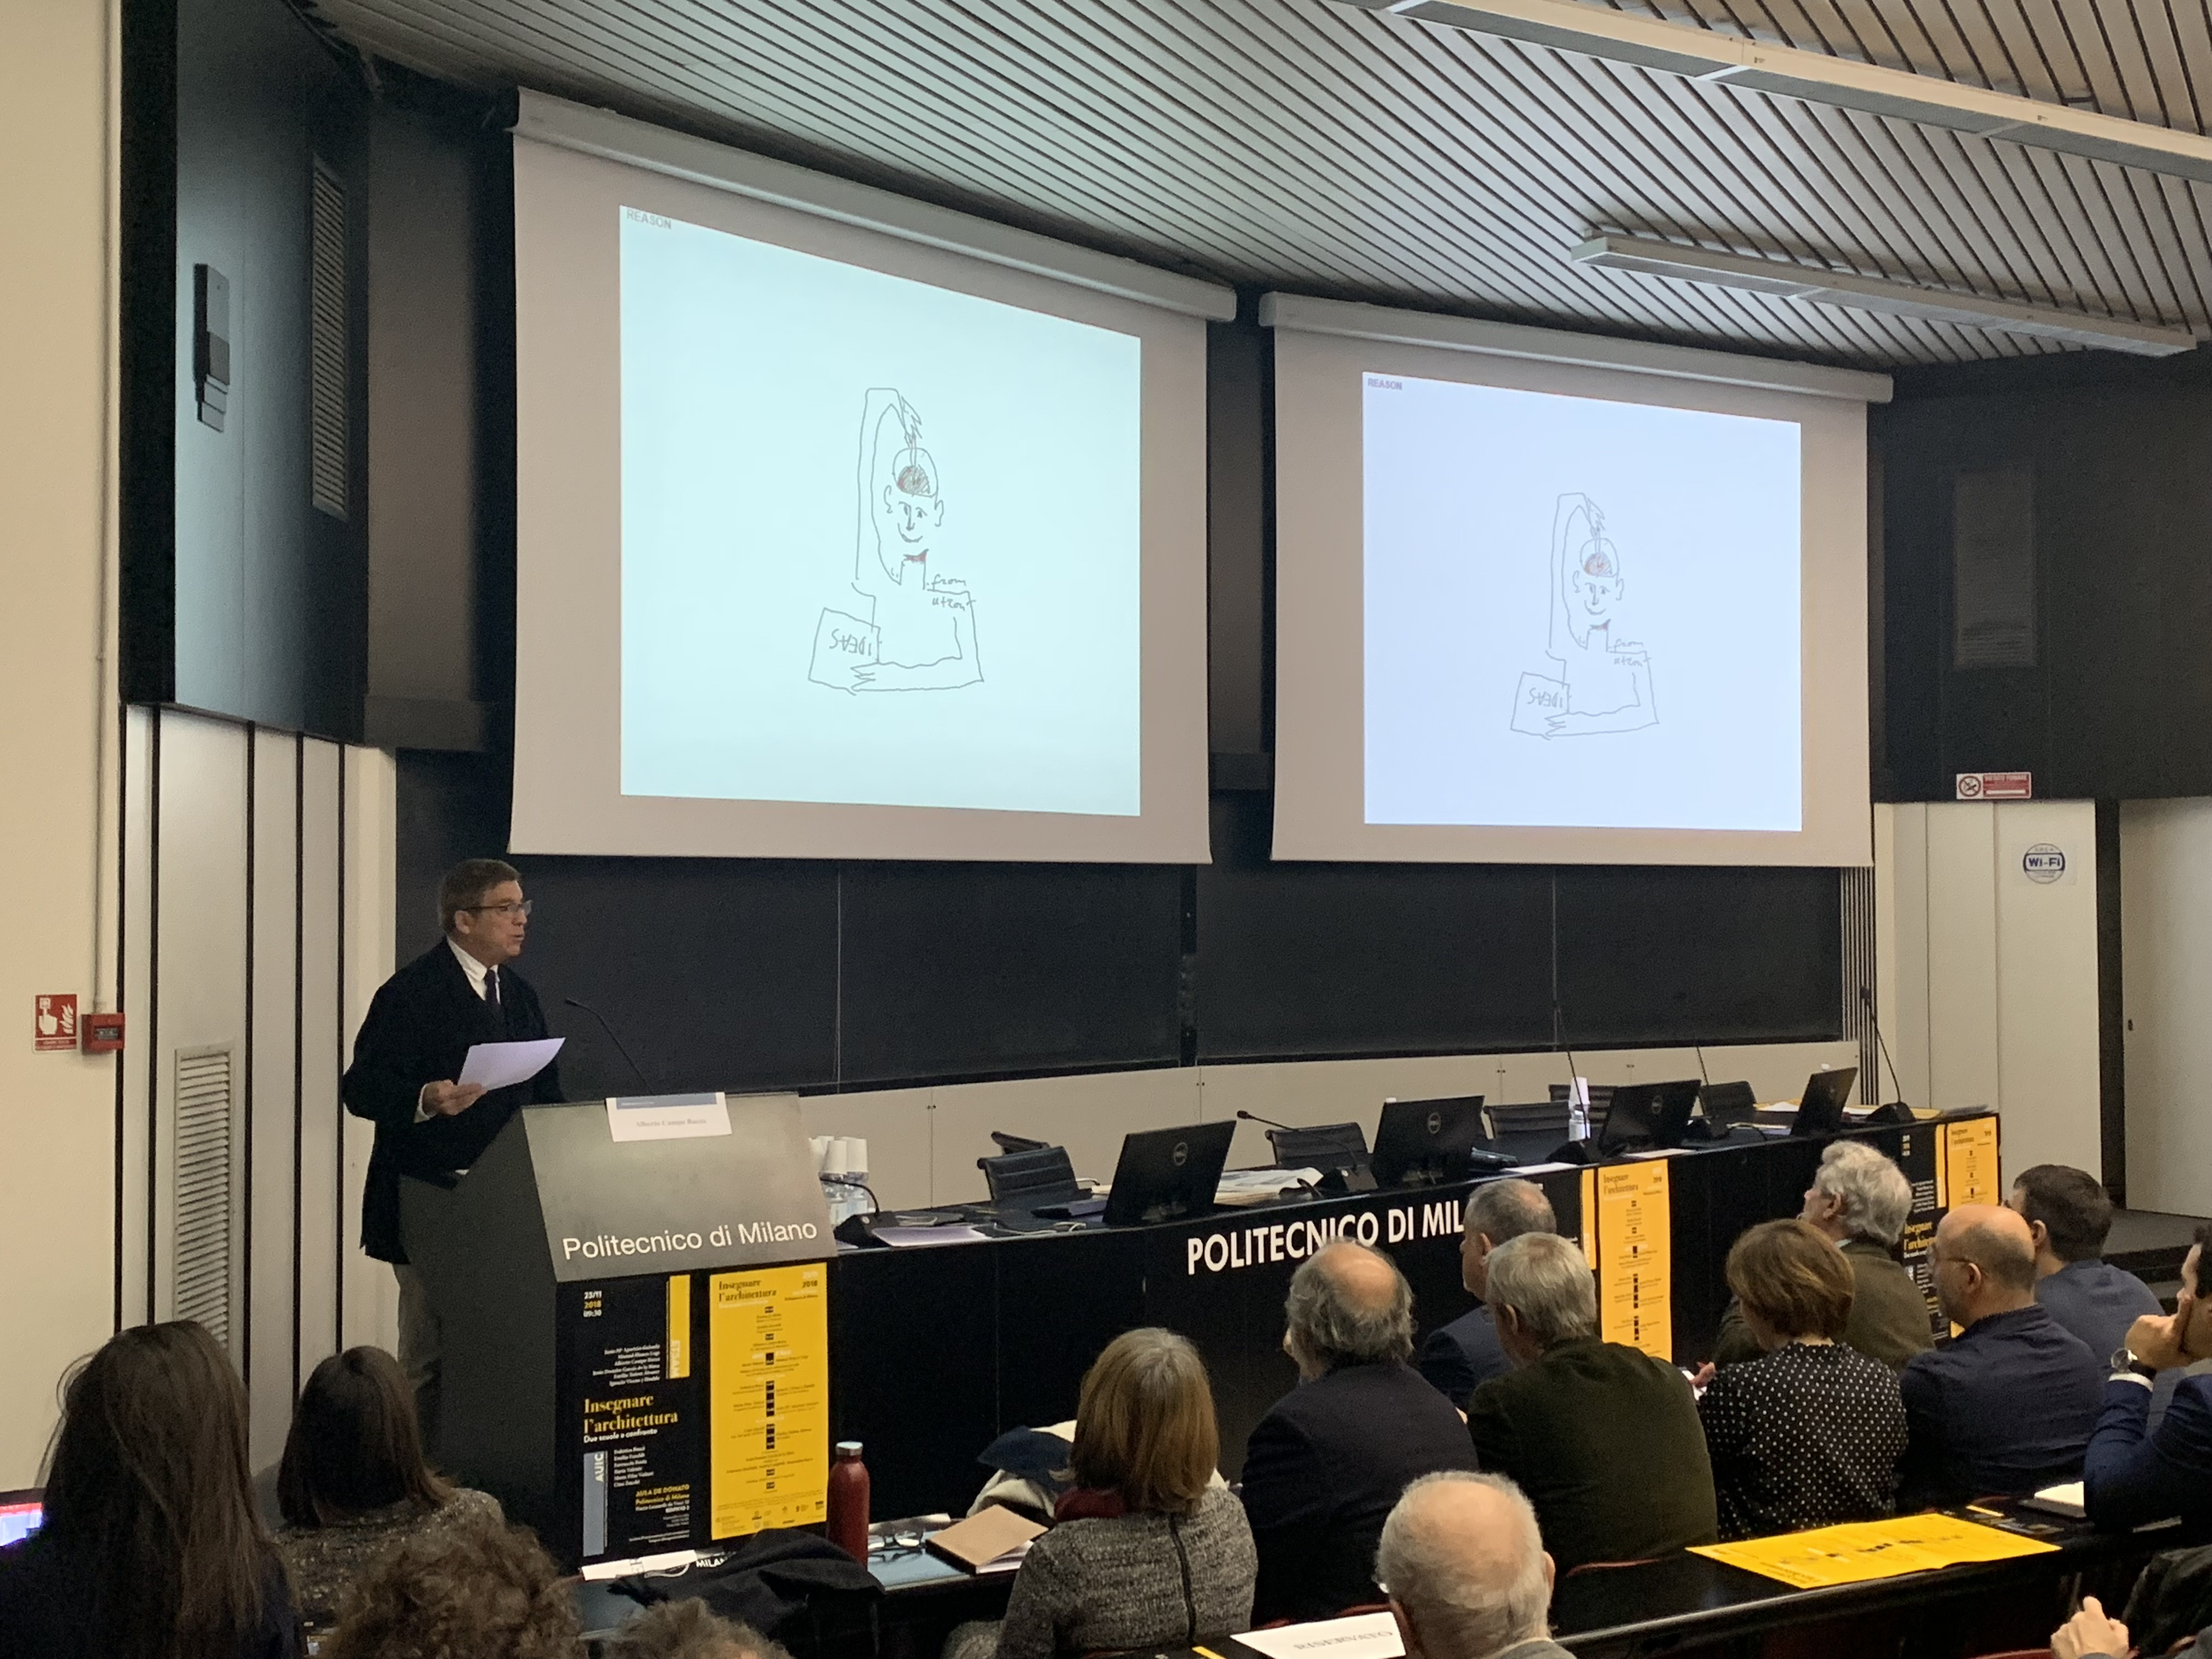 Alberto Campo Baeza - lecture - courtesy Politecnico di Milano